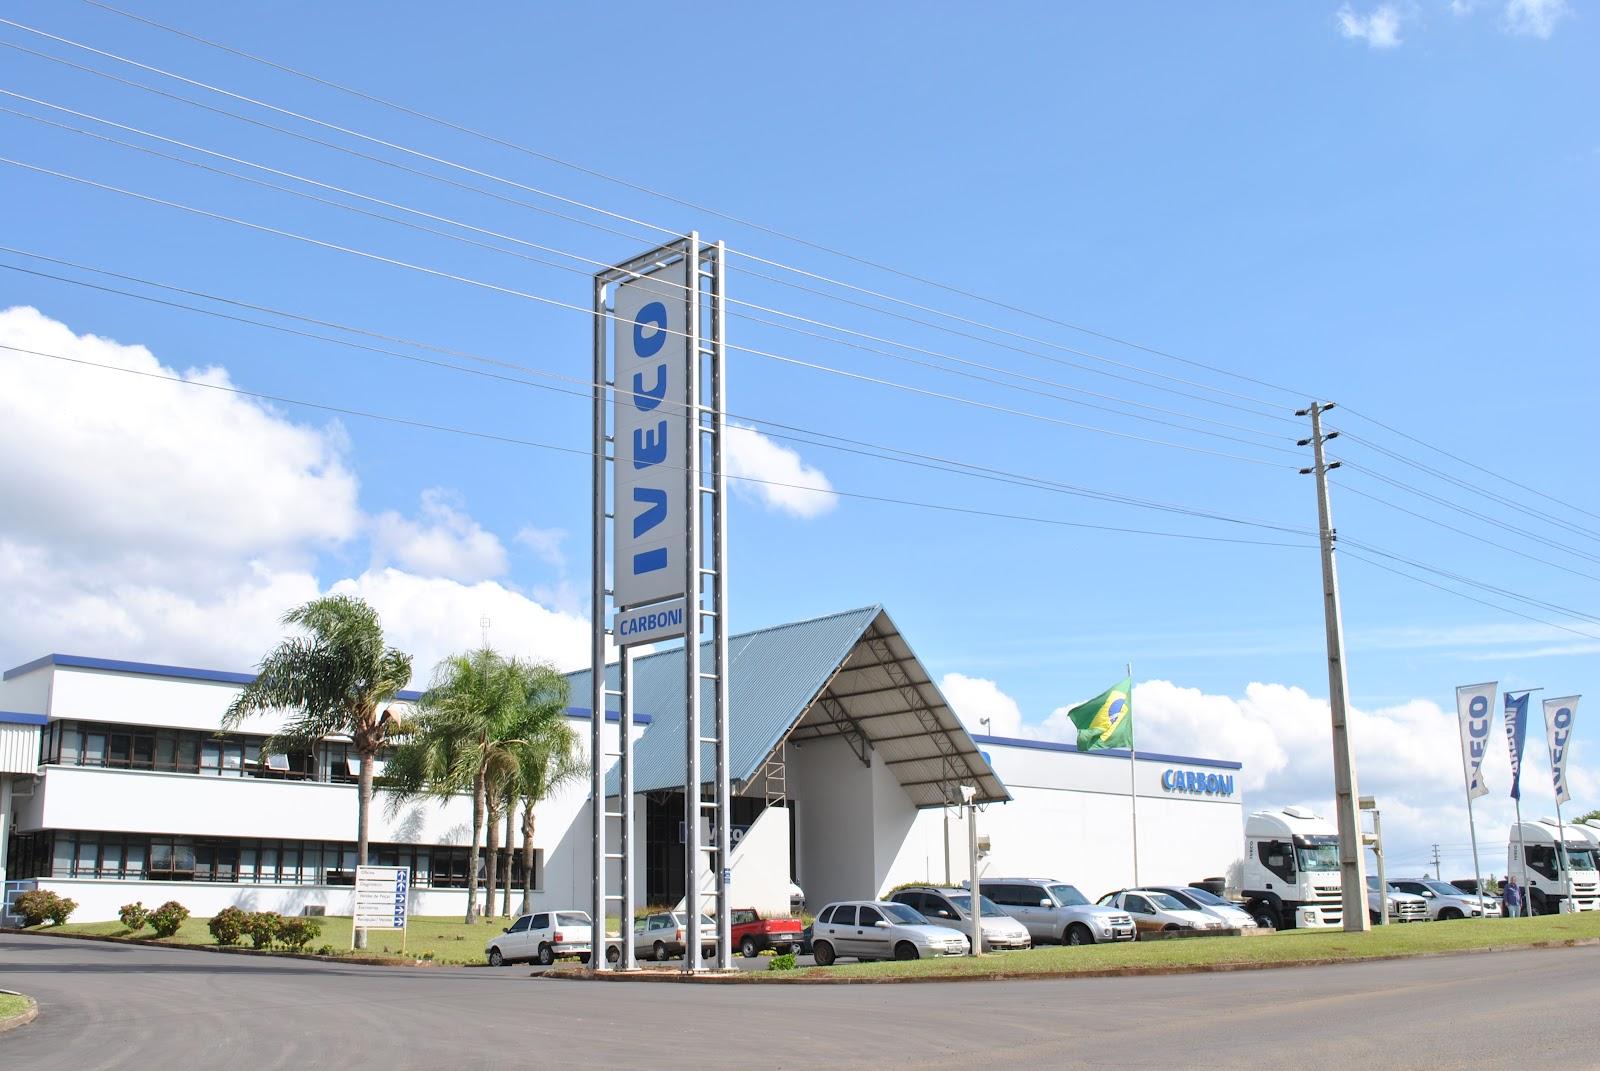 Carboni Iveco ganhou três prêmios em pesquisa com transportadores NOVA%2520FACHADA%2520%25284%2529